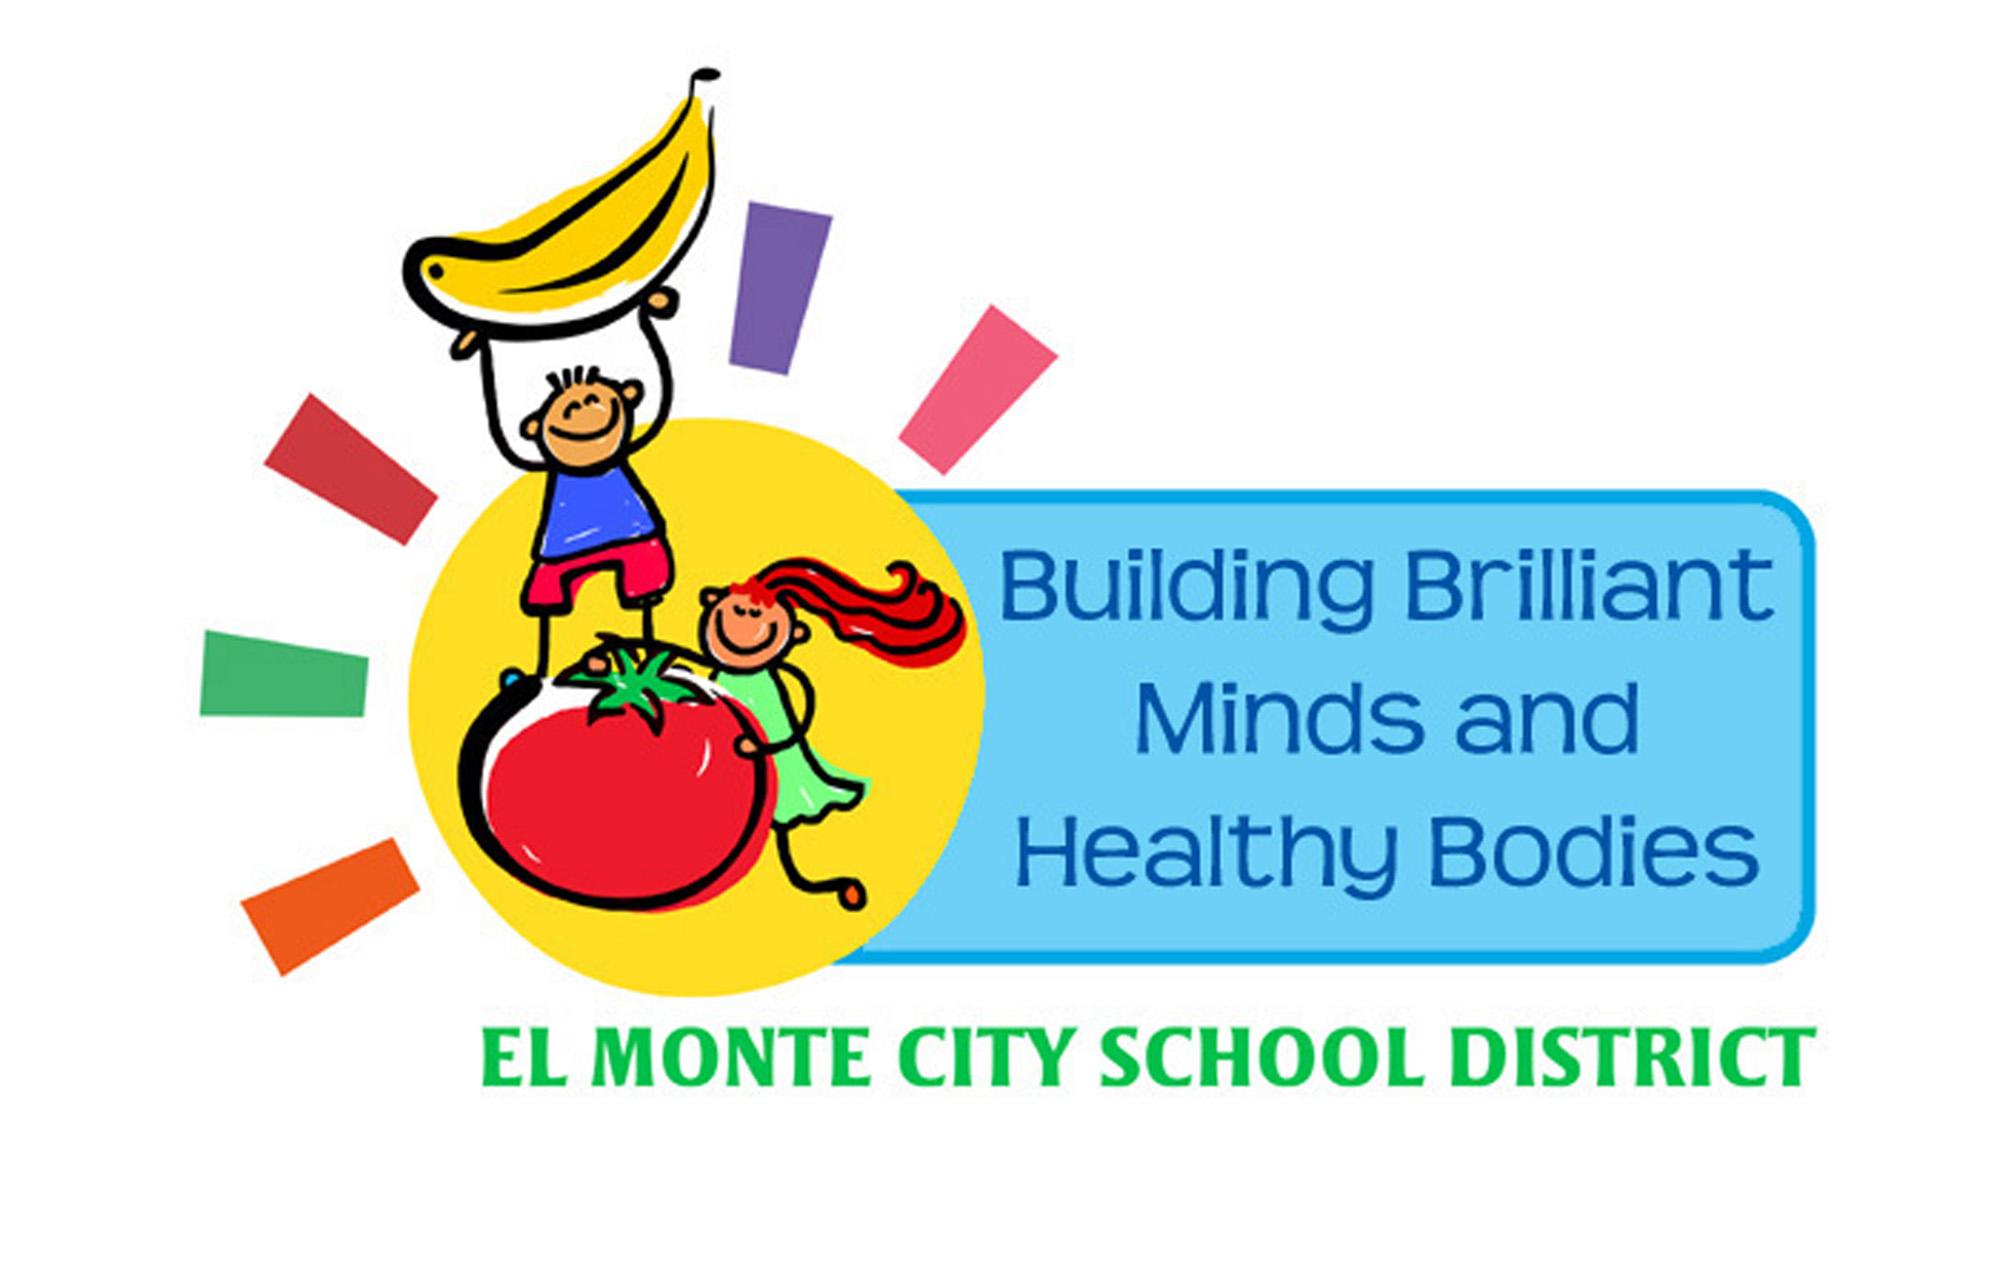 Gidley School - El Monte